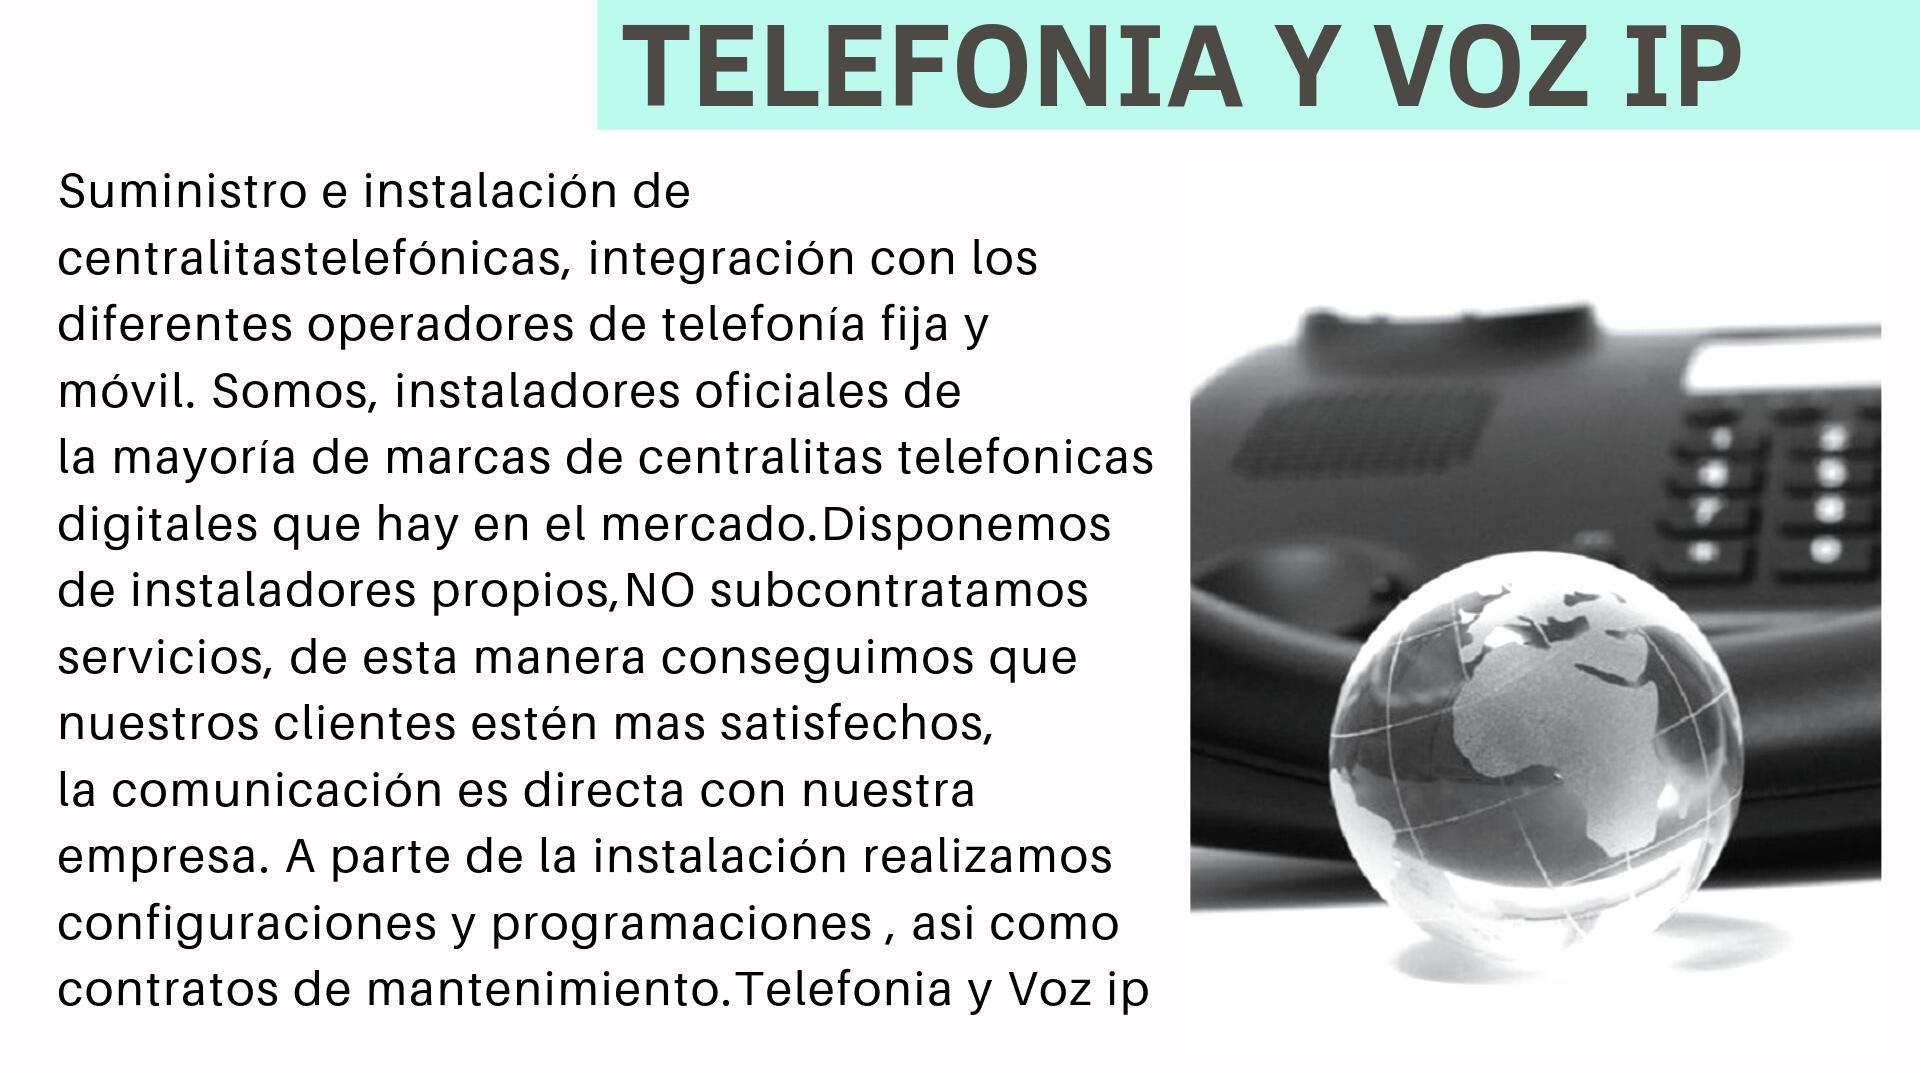 TELEFONIA Y VOZ IP CENTRALITAS